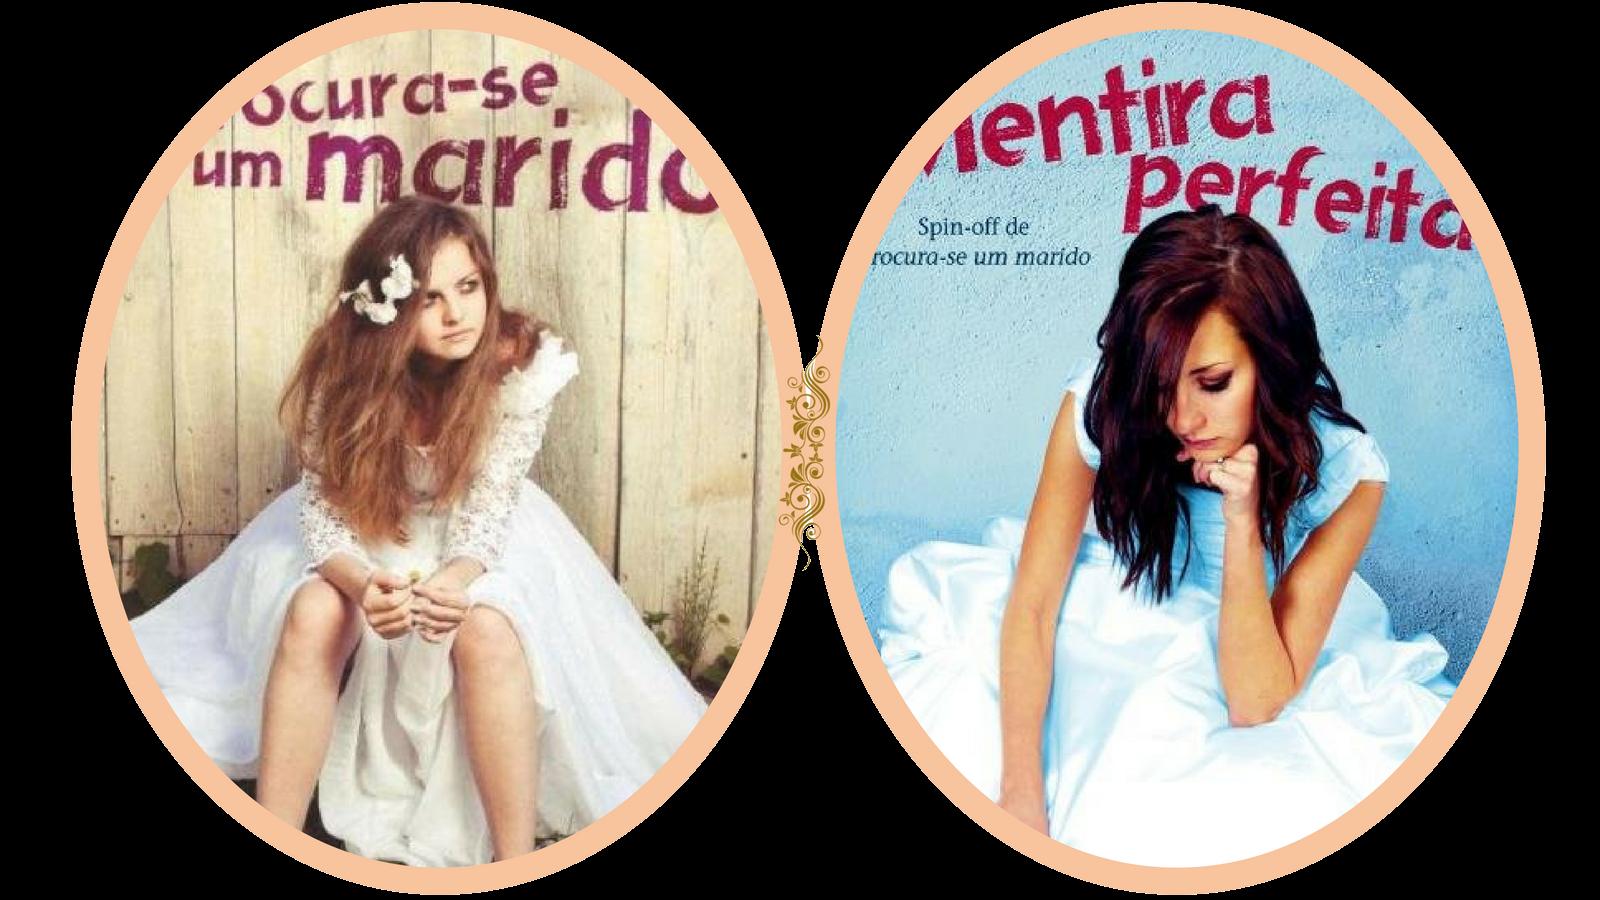 http://www.elizianebarbosa.com/2018/07/resenha-procura-se-um-marido-de-carina.html